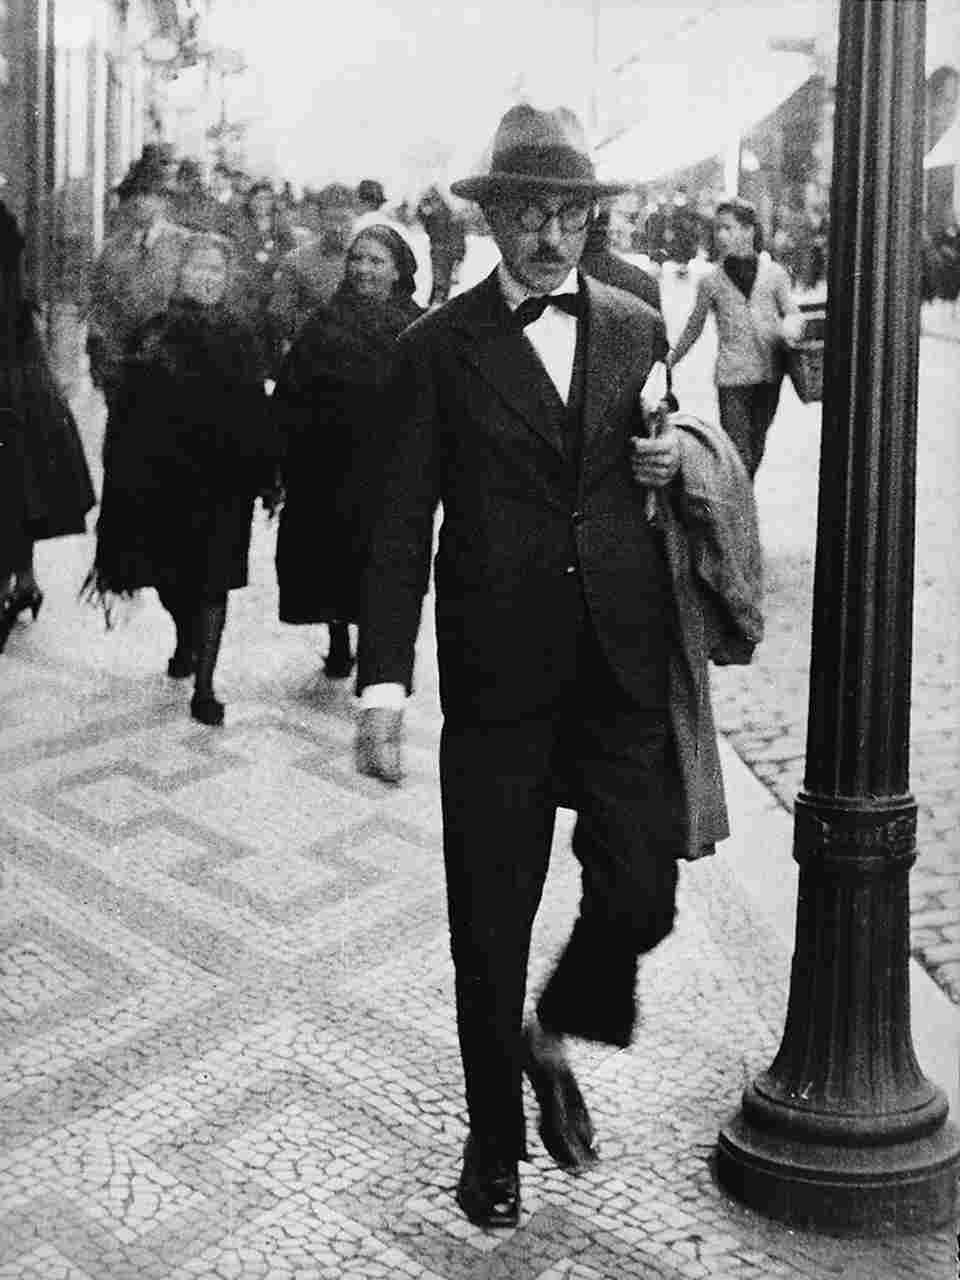 Grande Oriente de Itália apresenta aos seus maçons o escritor português Fernando Pessoa